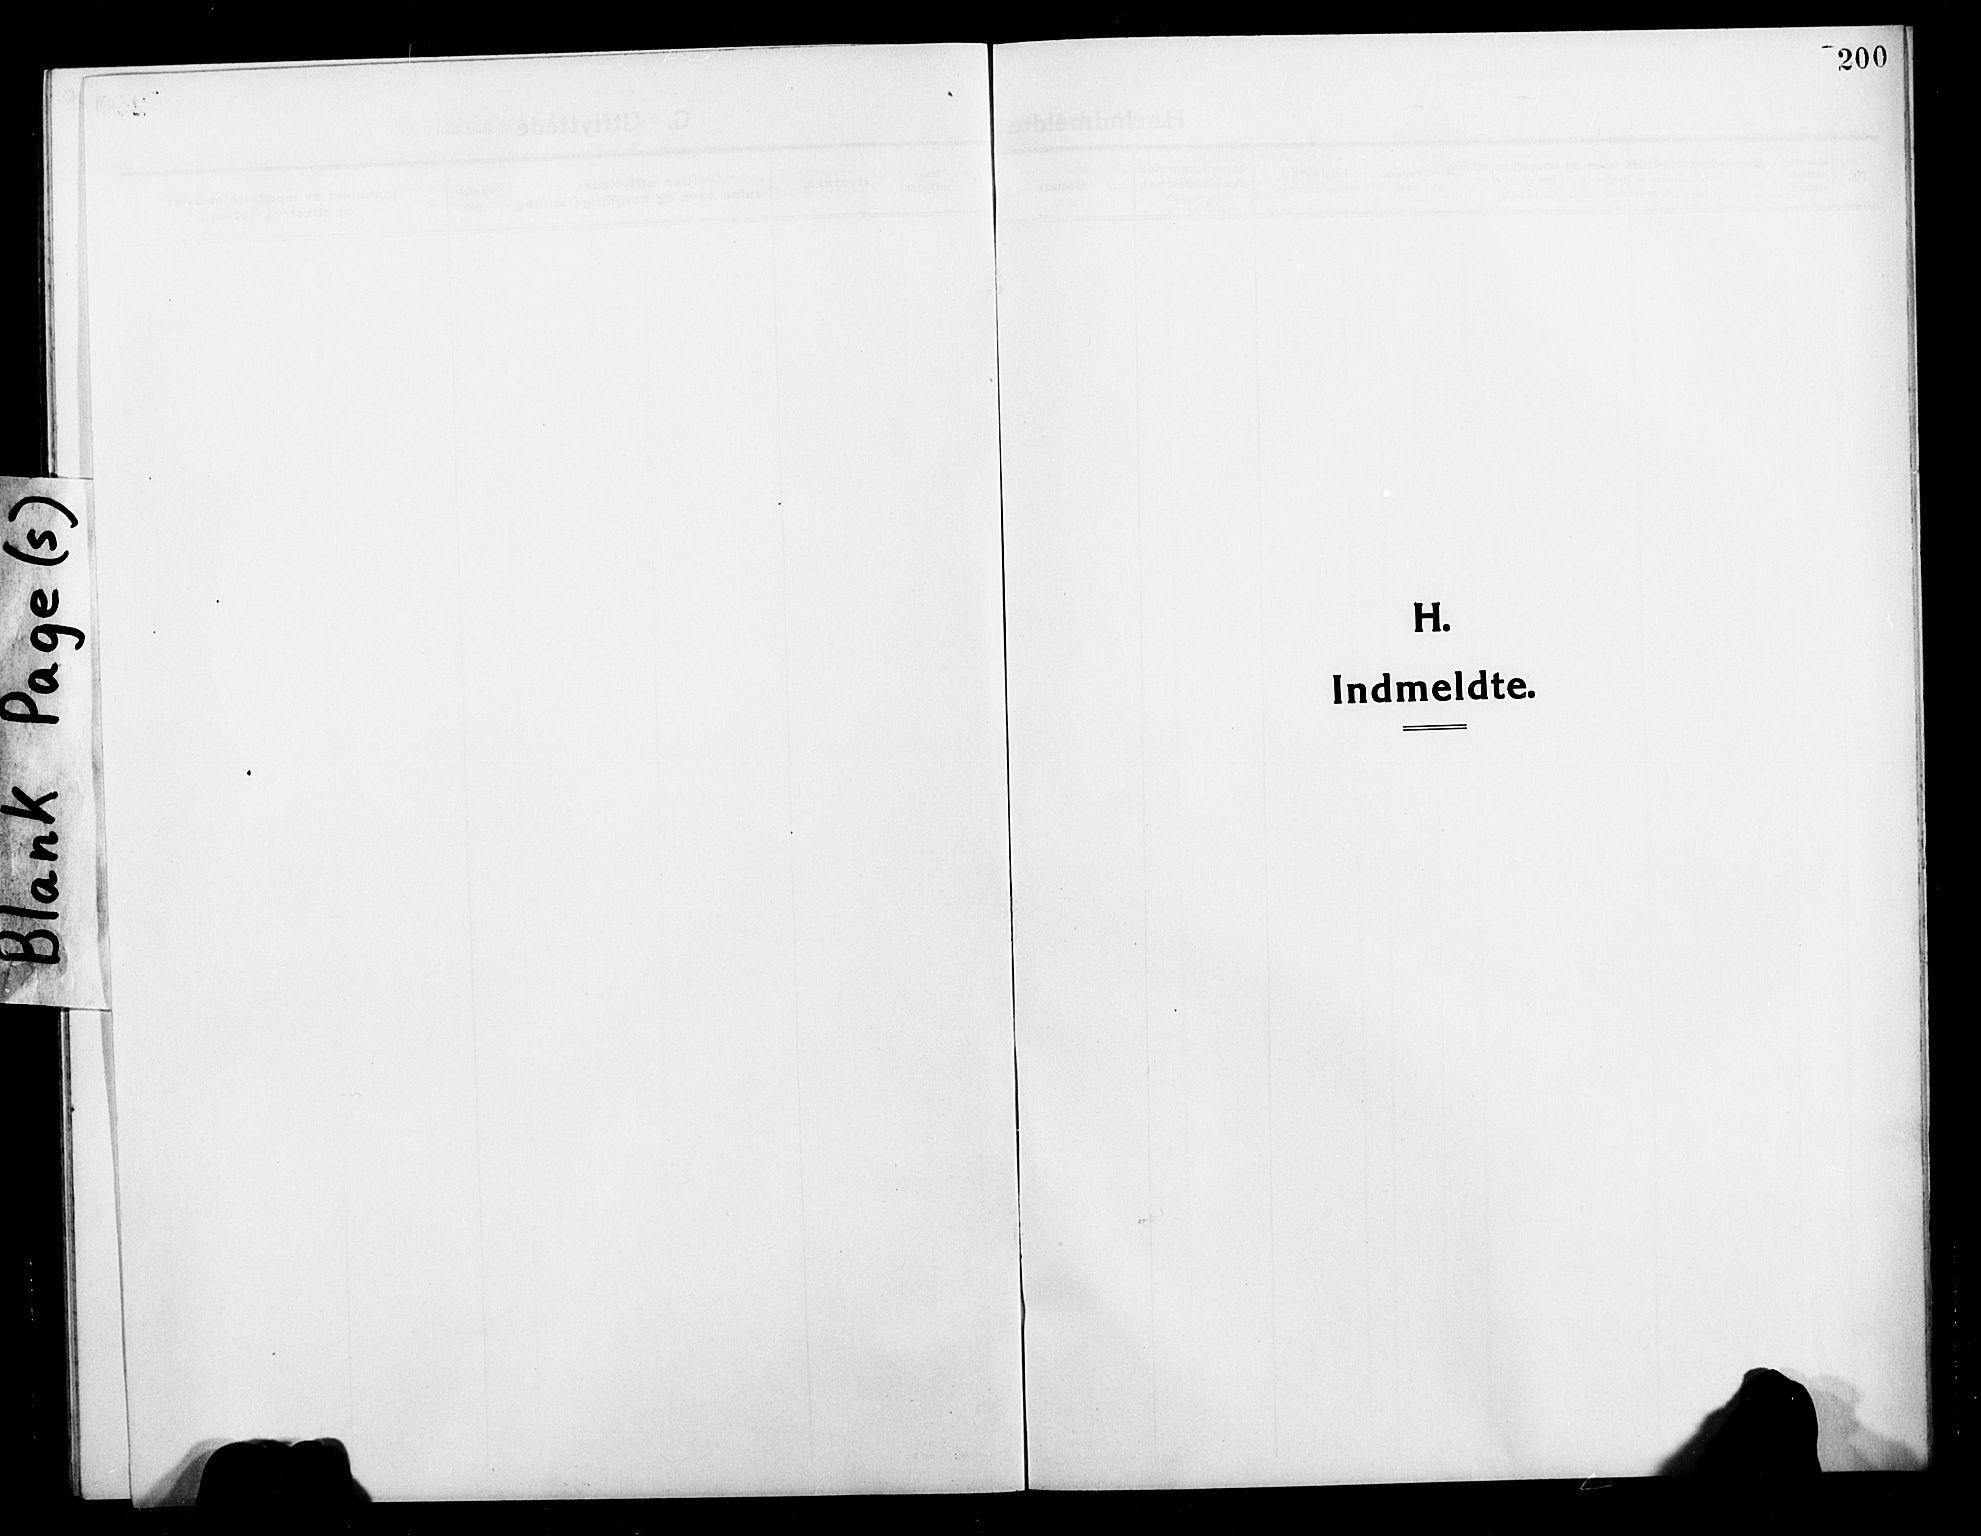 SATØ, Balsfjord sokneprestembete, Klokkerbok nr. 4, 1910-1926, s. 200